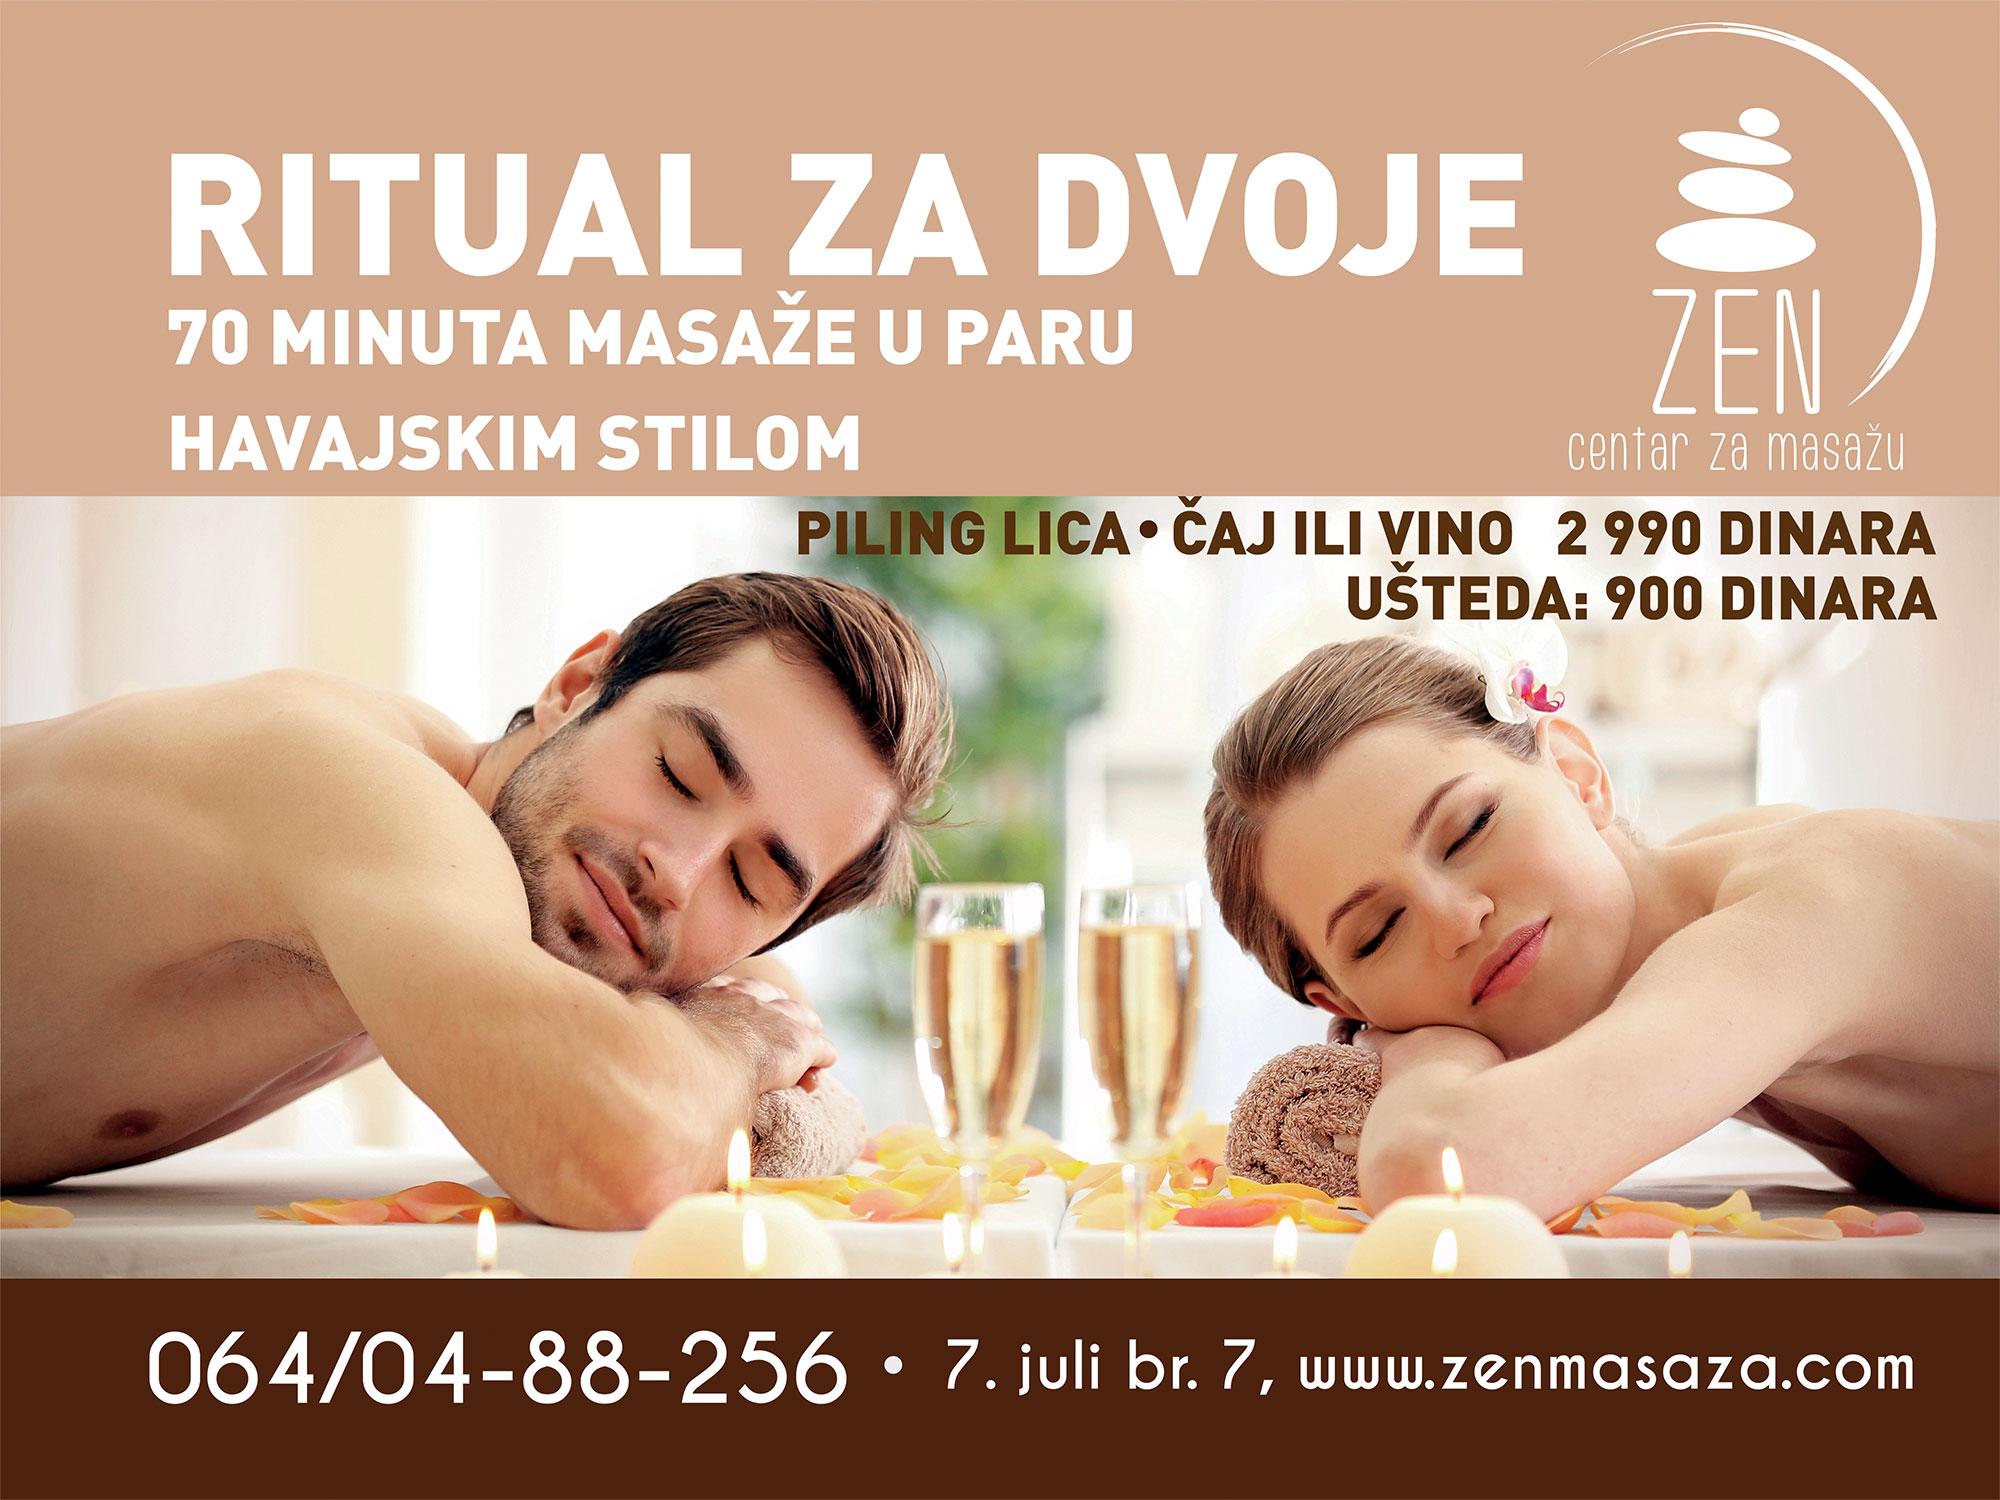 zen poster 6